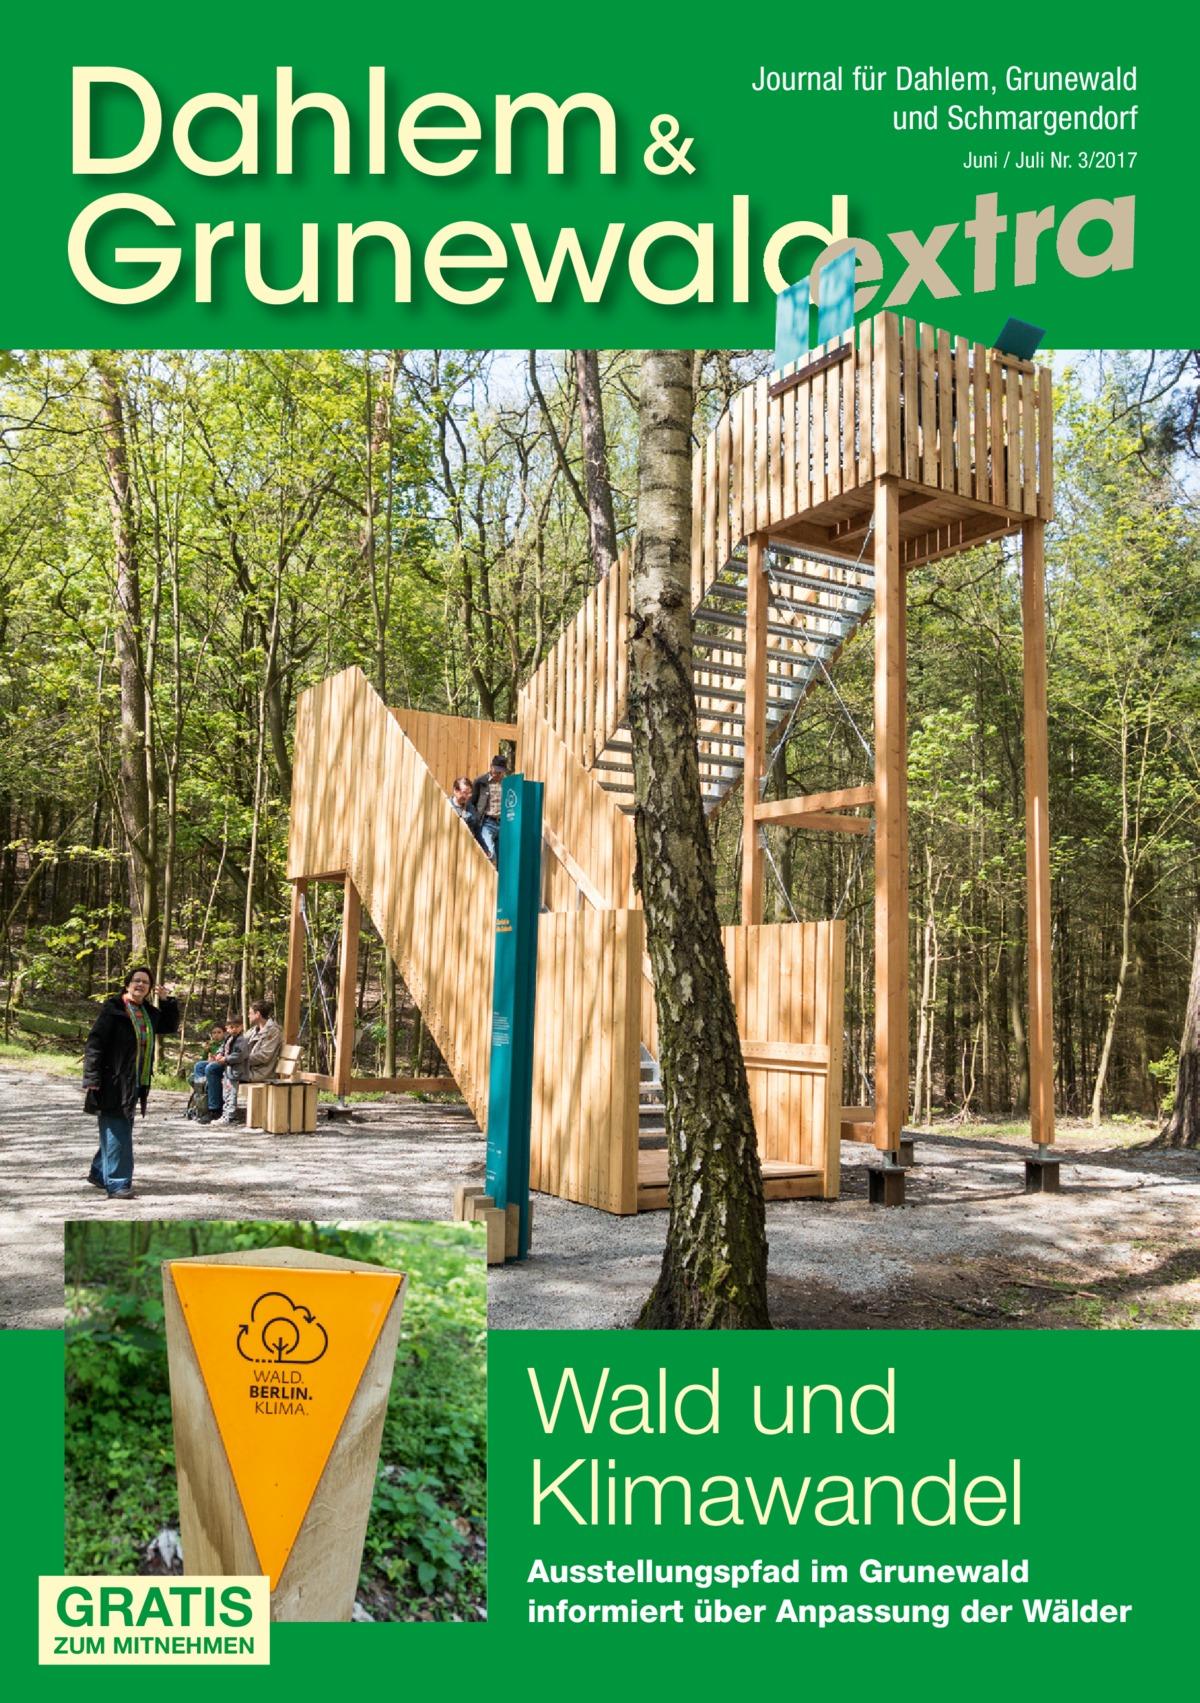 Dahlem & Grunewaldextra Journal für Dahlem, Grunewald und Schmargendorf Juni / Juli Nr. 3/2017  Wald und Klimawandel GRATIS  ZUM MITNEHMEN  Ausstellungspfad im Grunewald informiert über Anpassung der Wälder